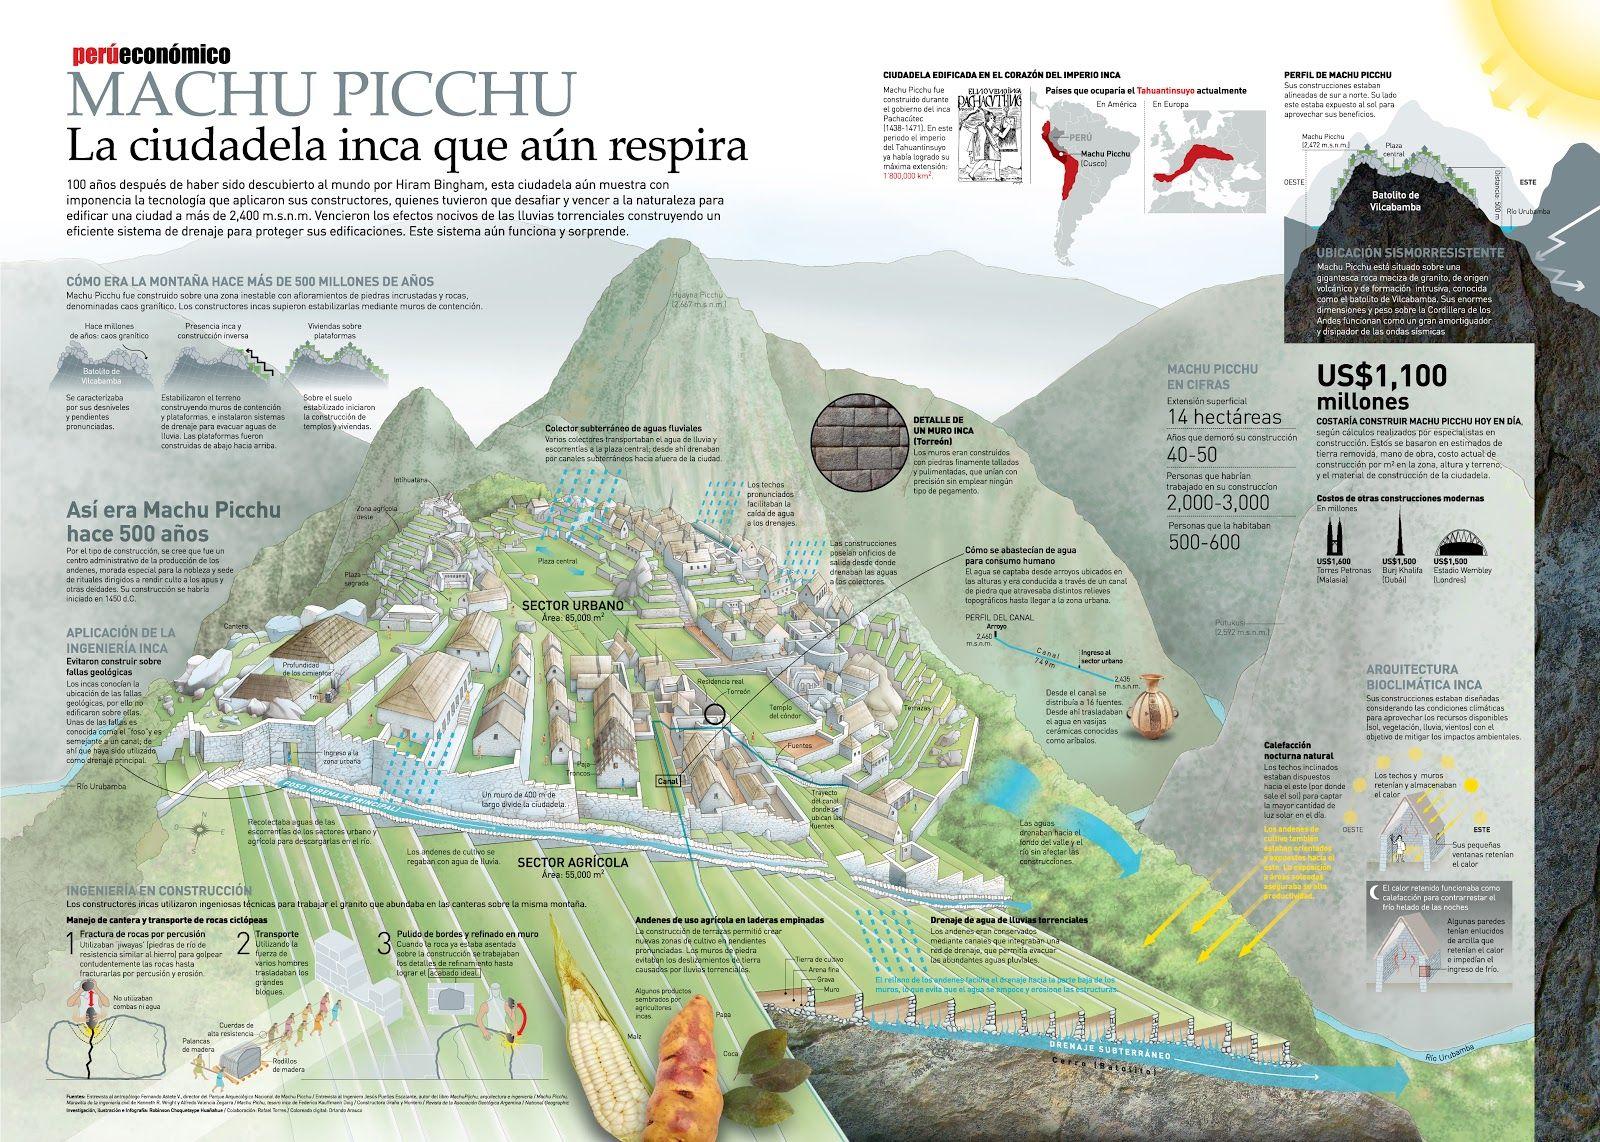 Descubrimiento de machu picchu pdf